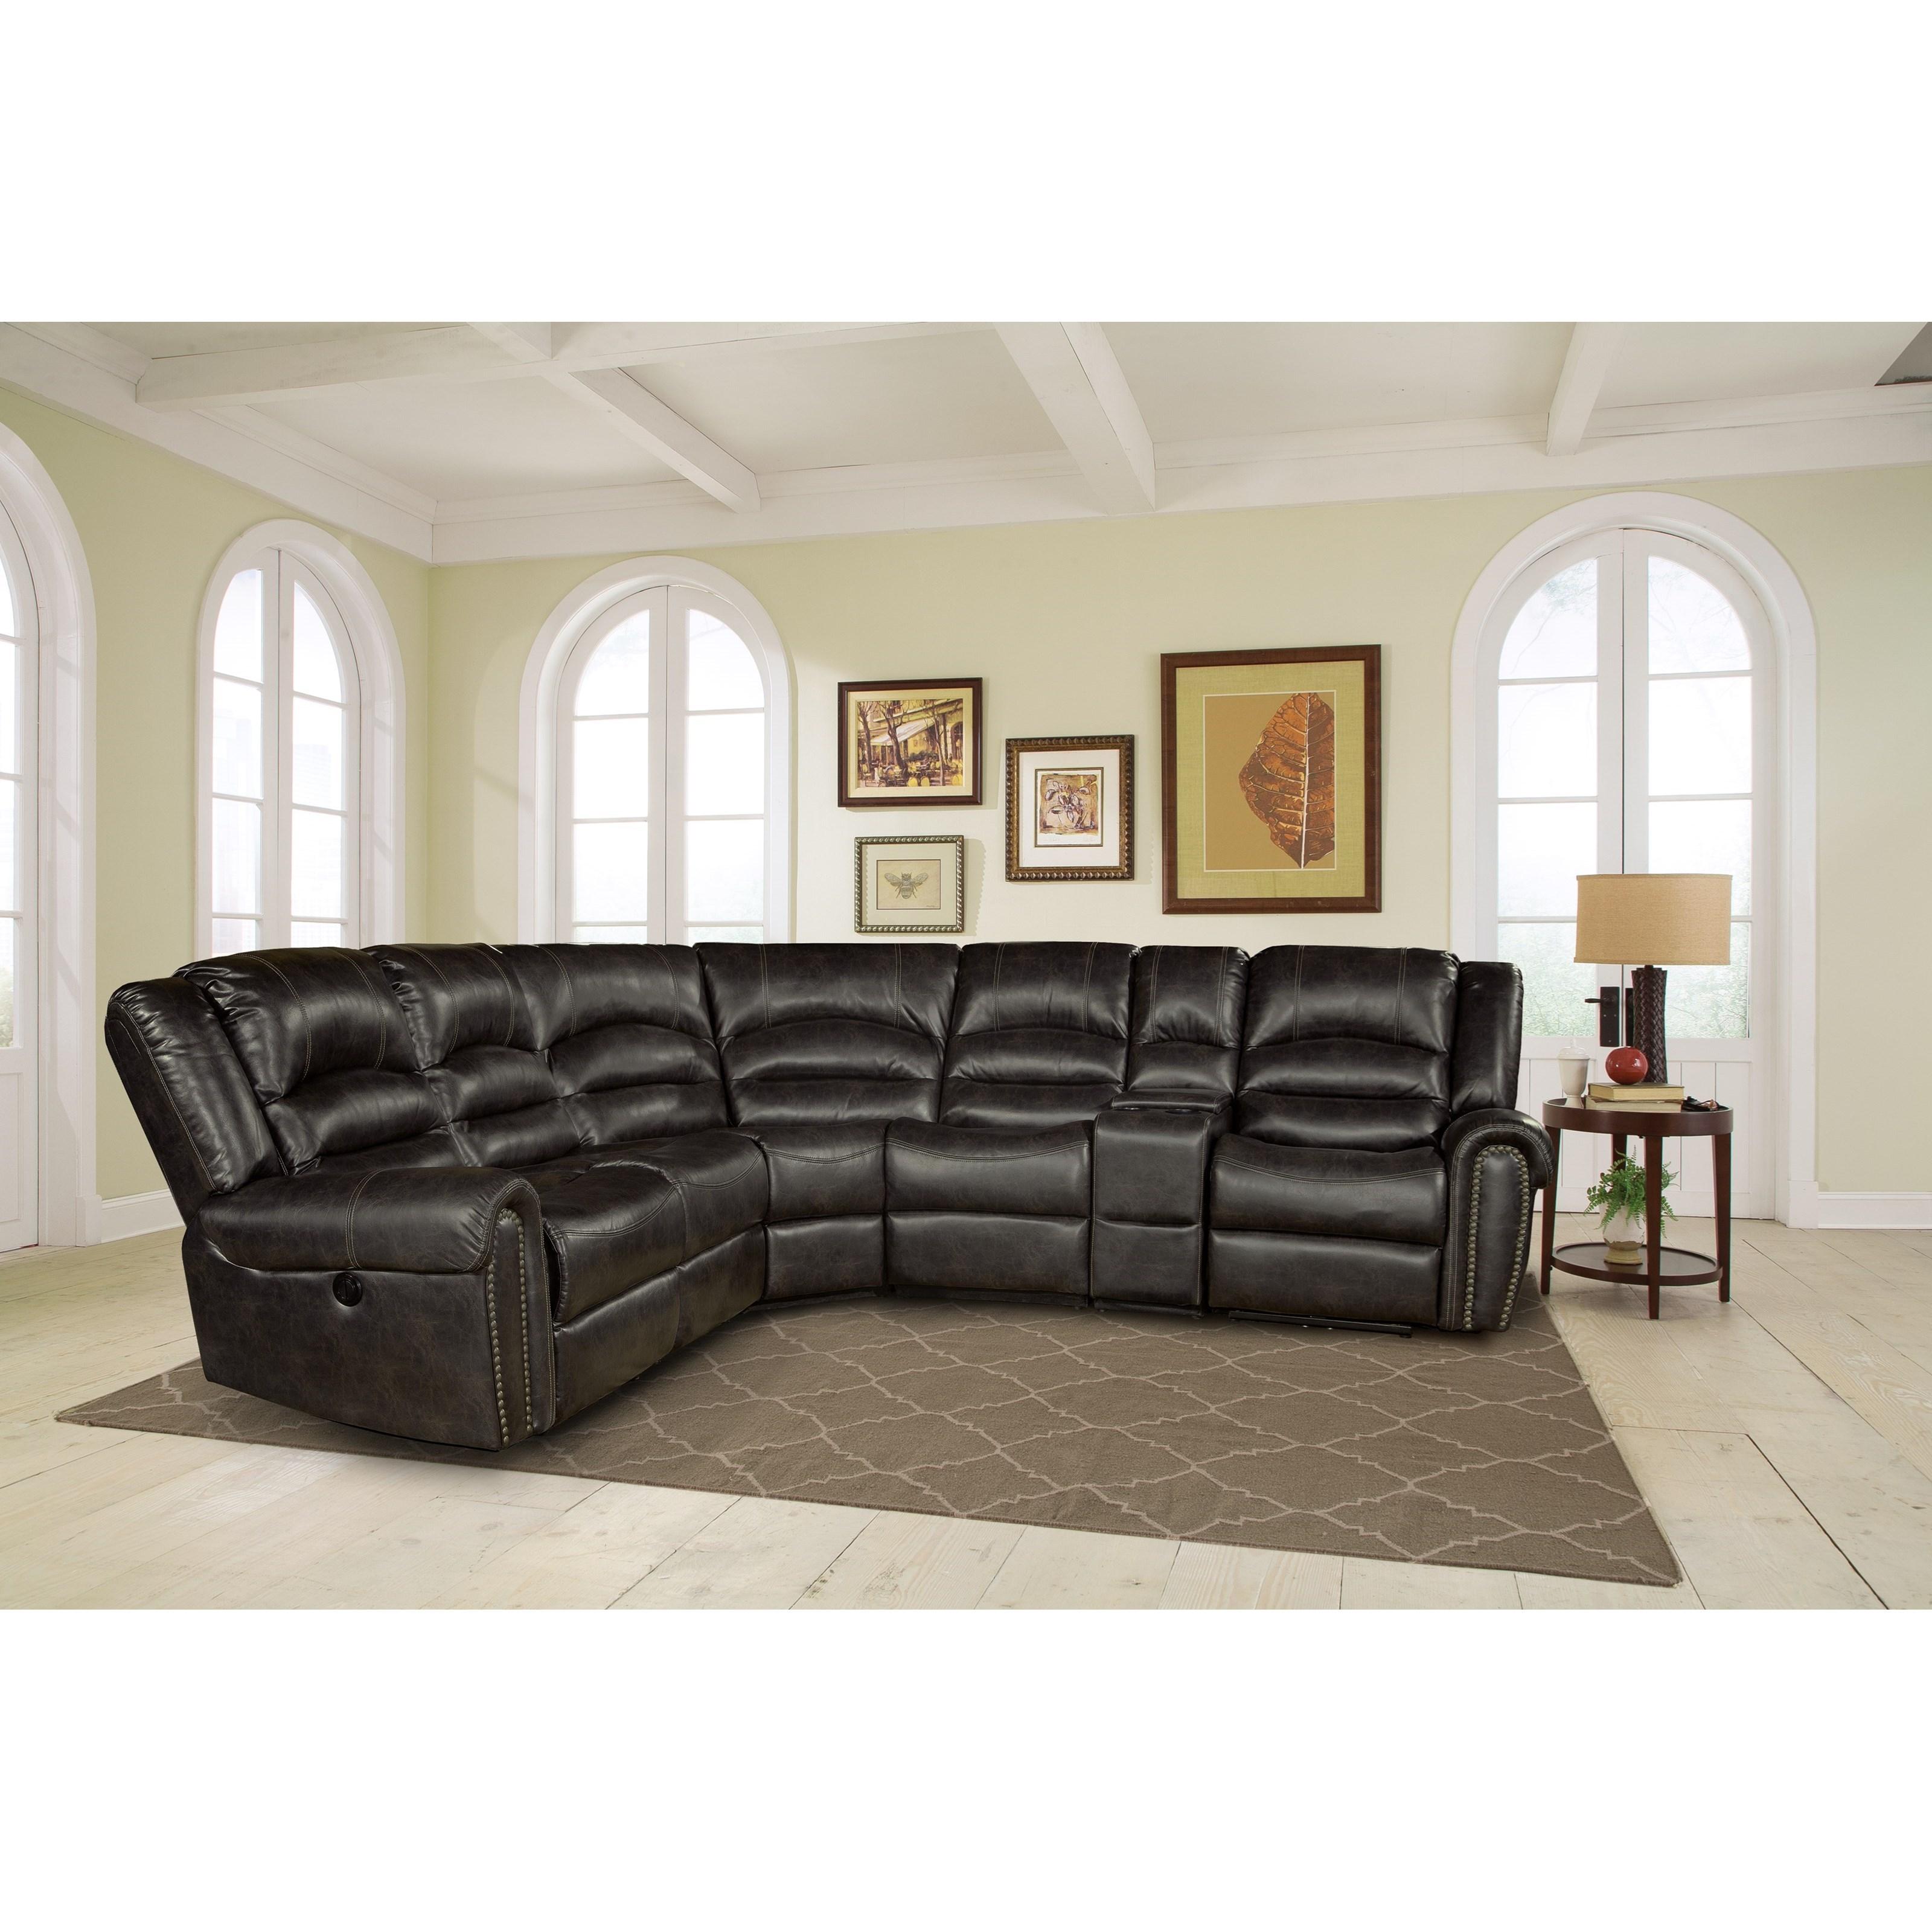 Parker Living Gershwin Sectional Sofa - Item Number: MGER-PACKM-EM